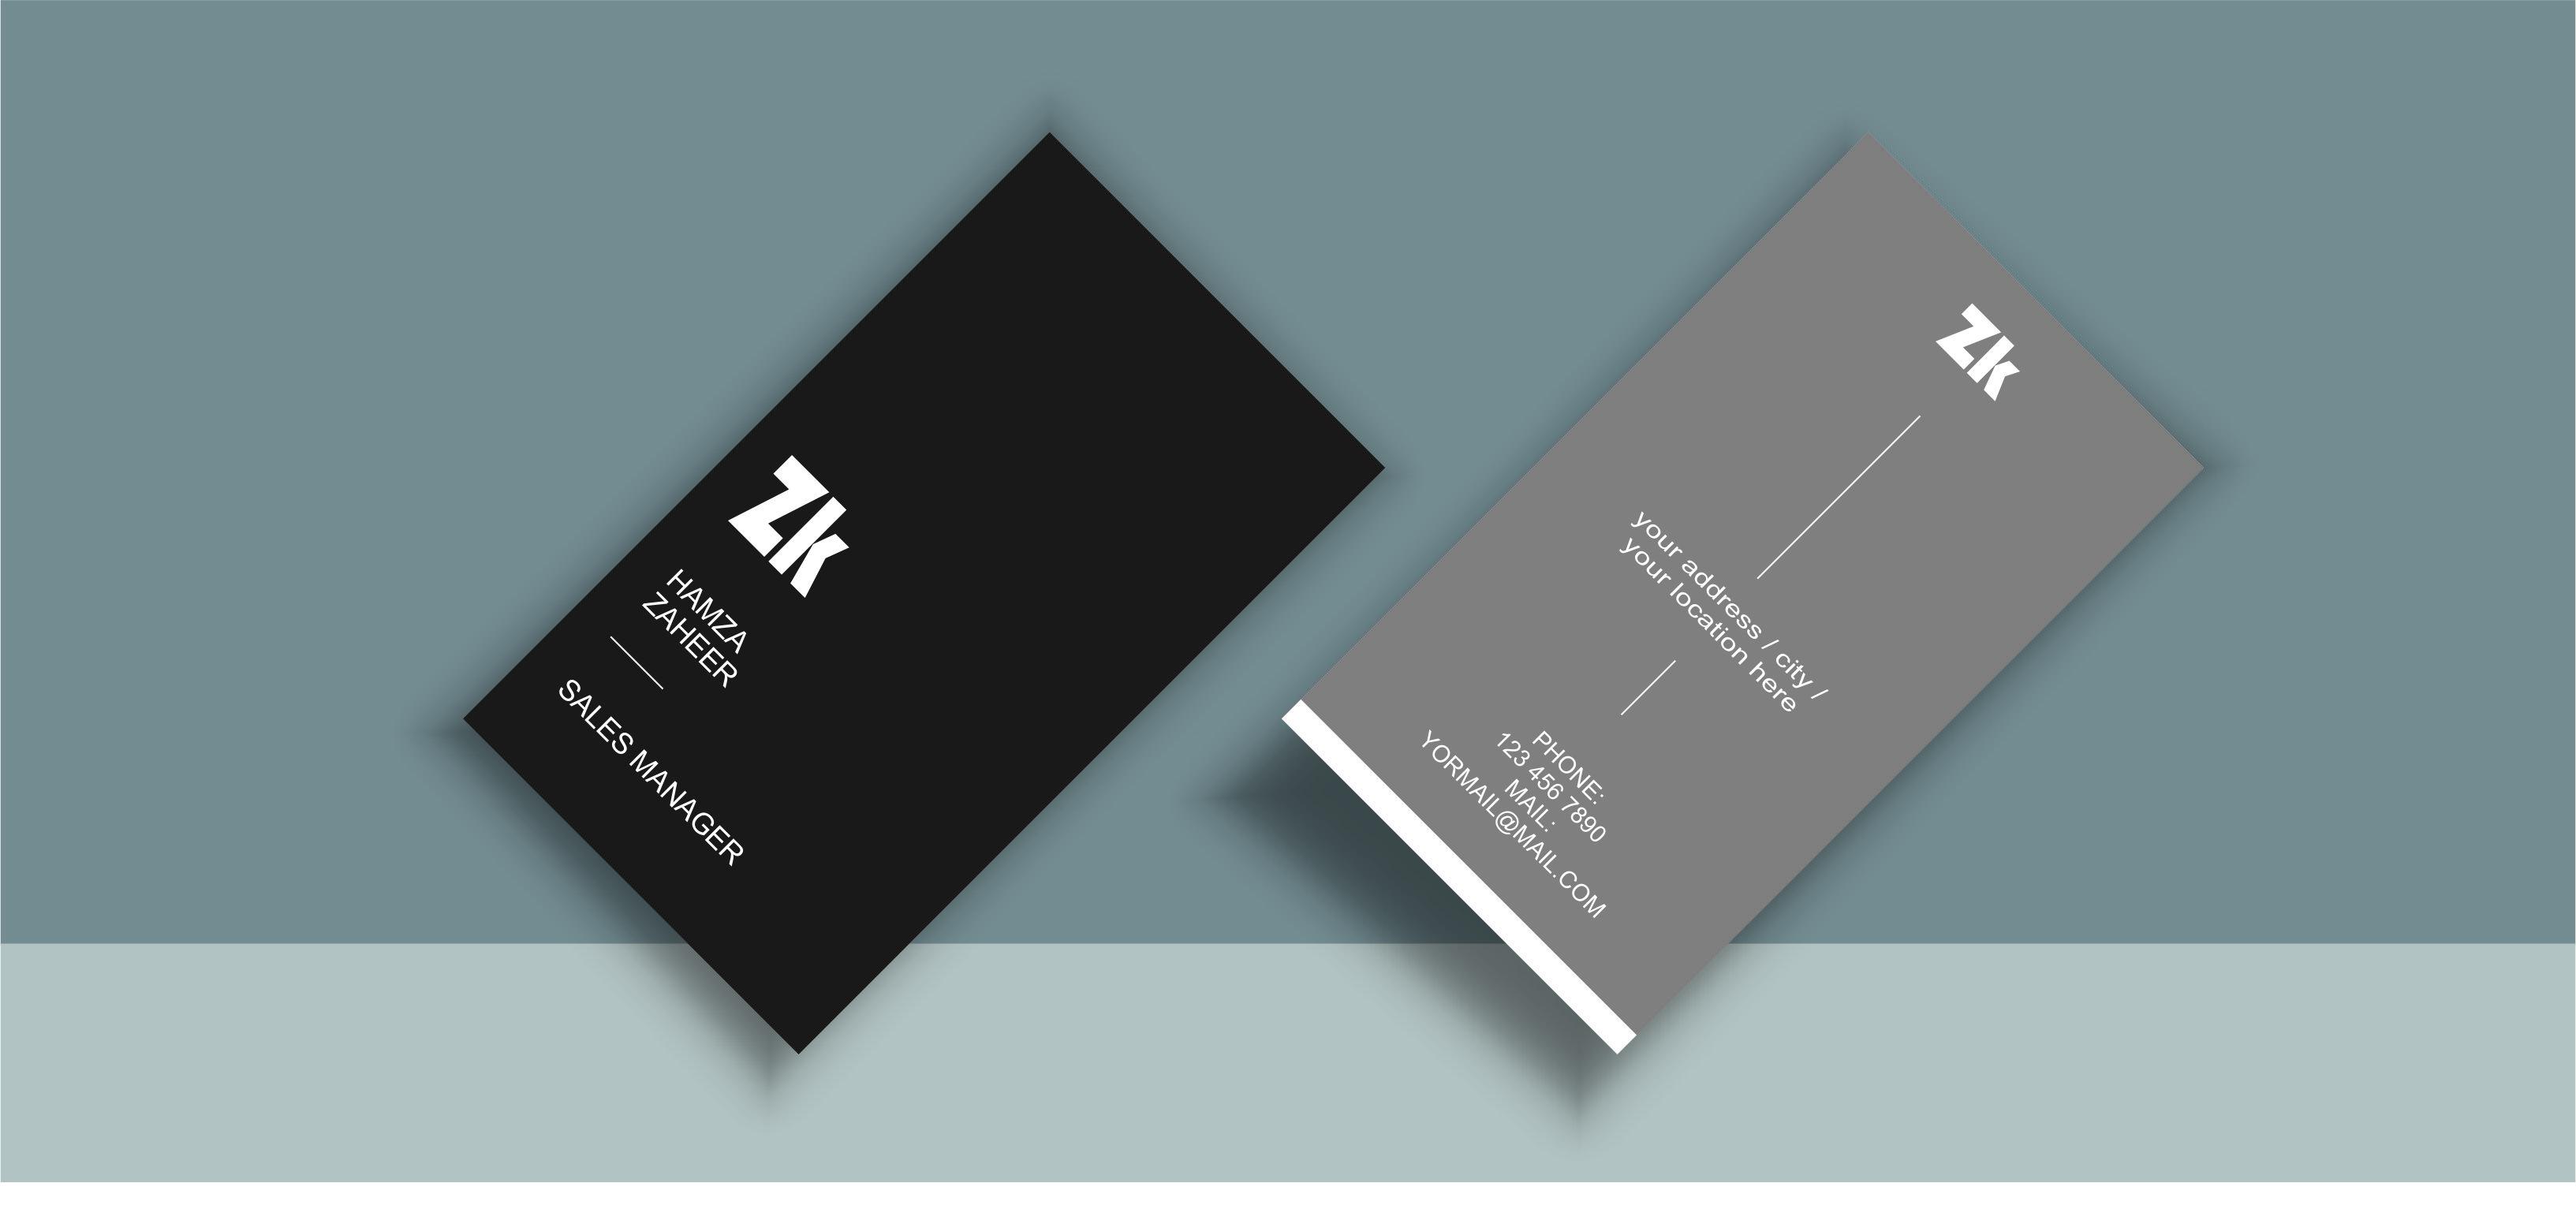 i will design minimalist, attractive, creative, modern and unique business card